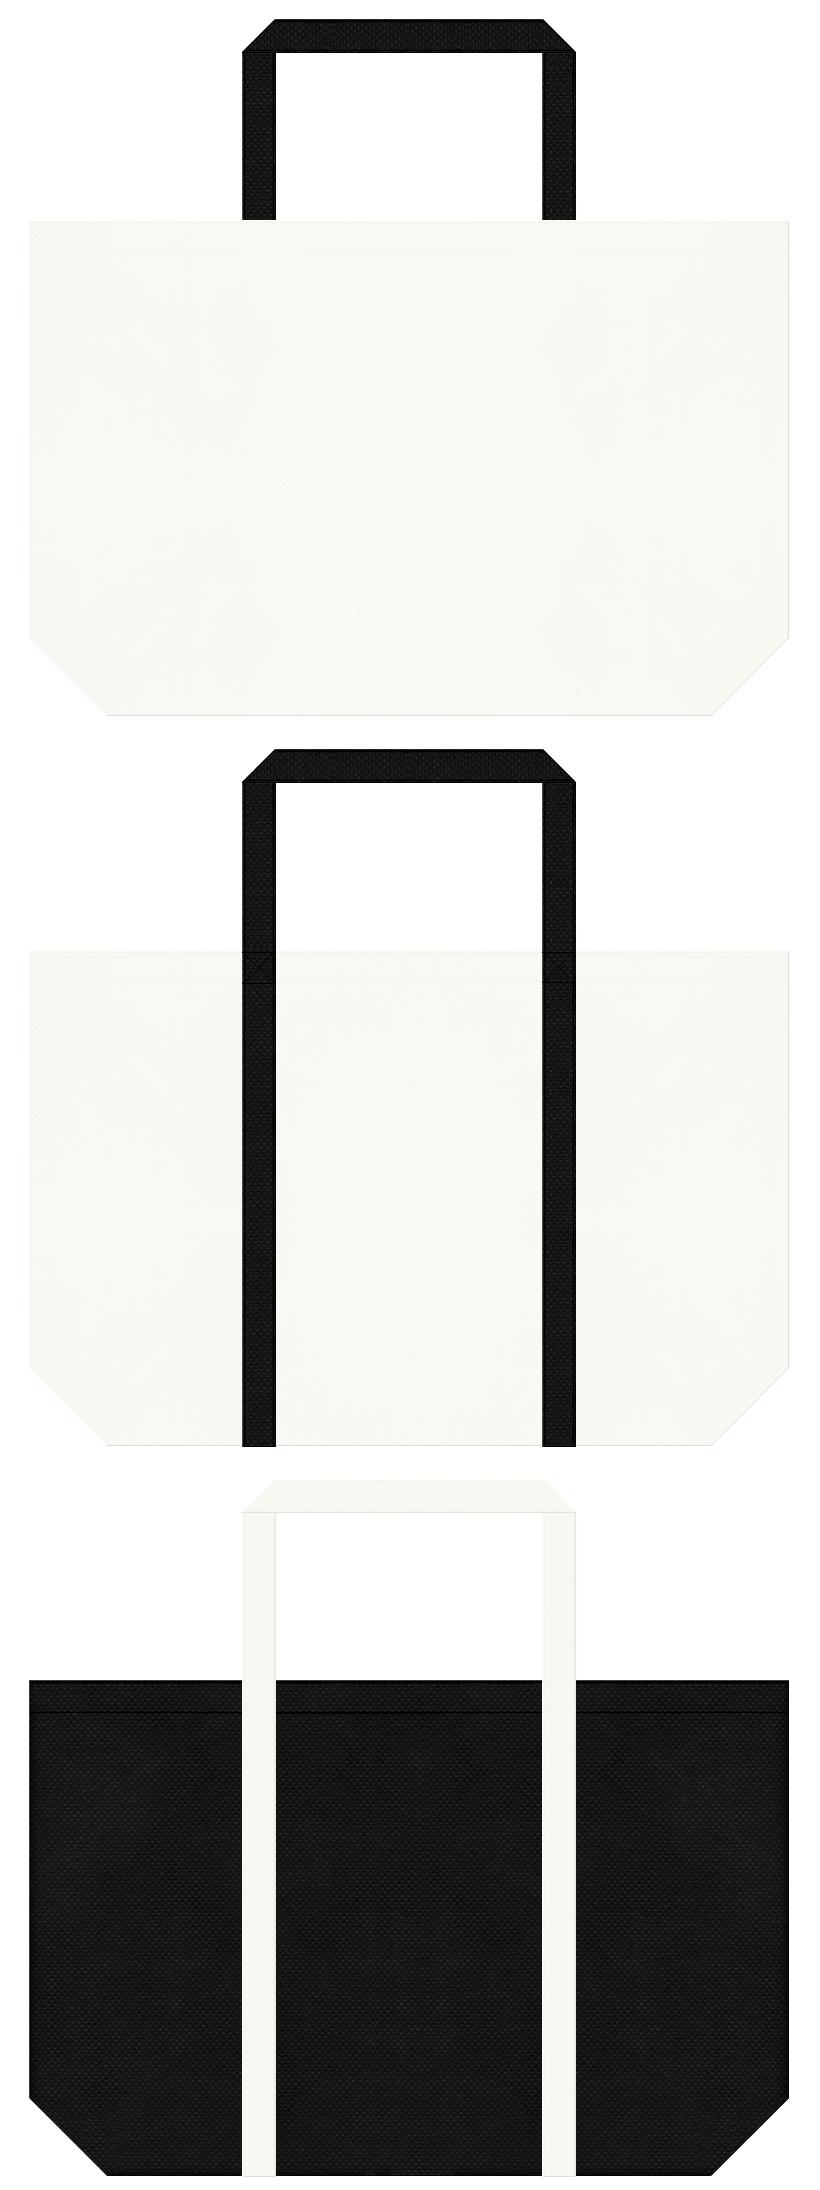 オフホワイト色と黒色の不織布ショッピングバッグのデザイン:ゴスロリファッションのショッピングバッグにお奨めです。